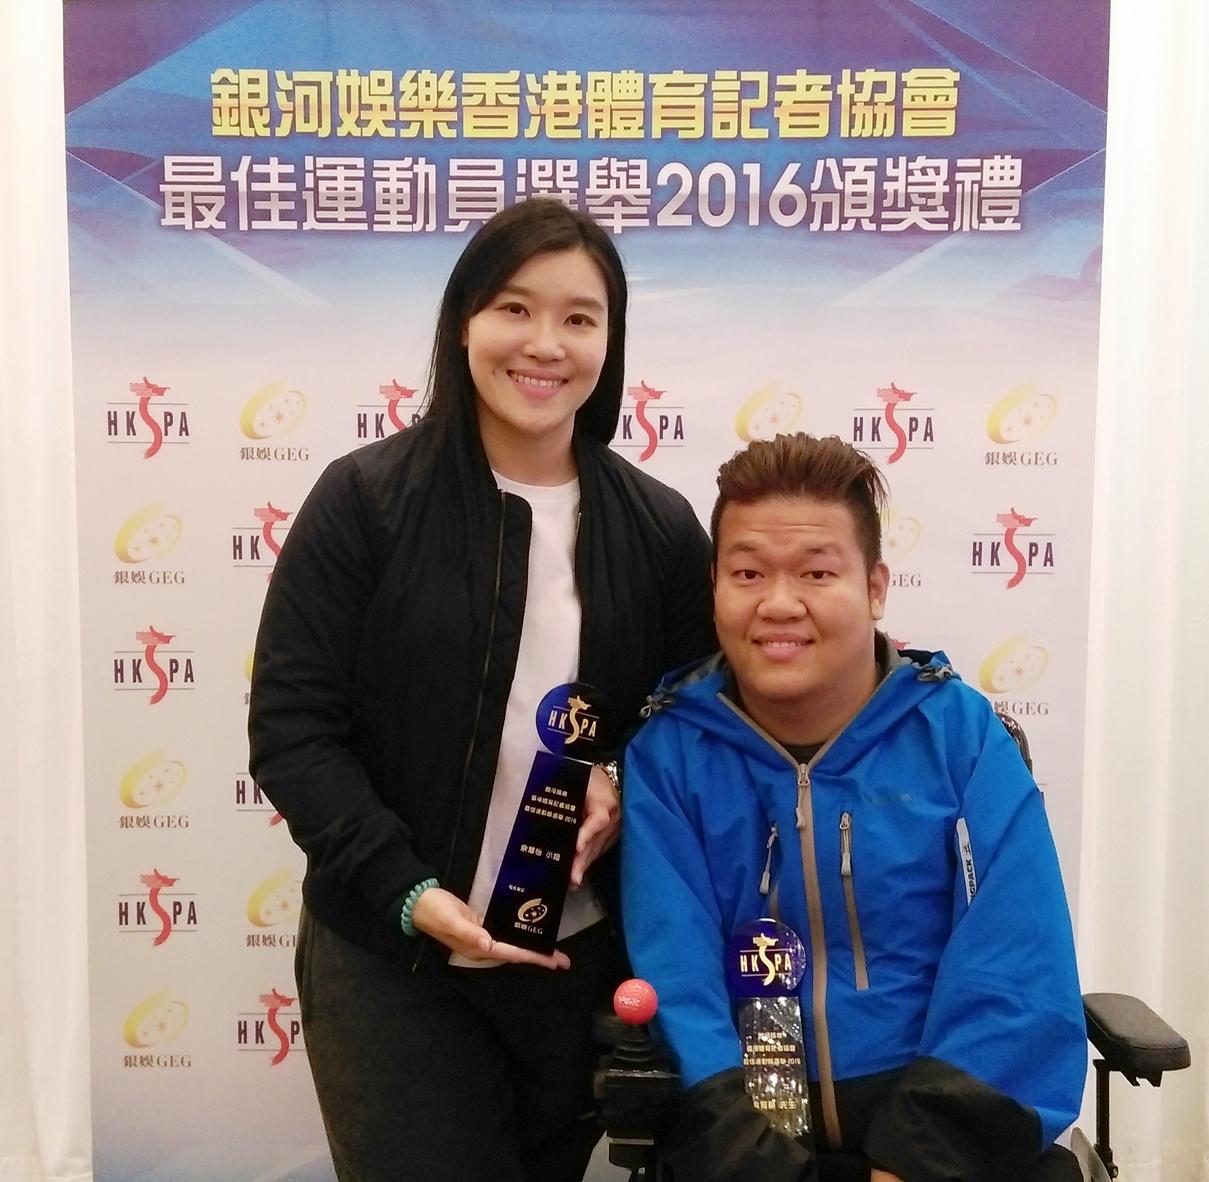 梁育榮及余翠怡獲提名候選香港體育記者協會最佳運動員